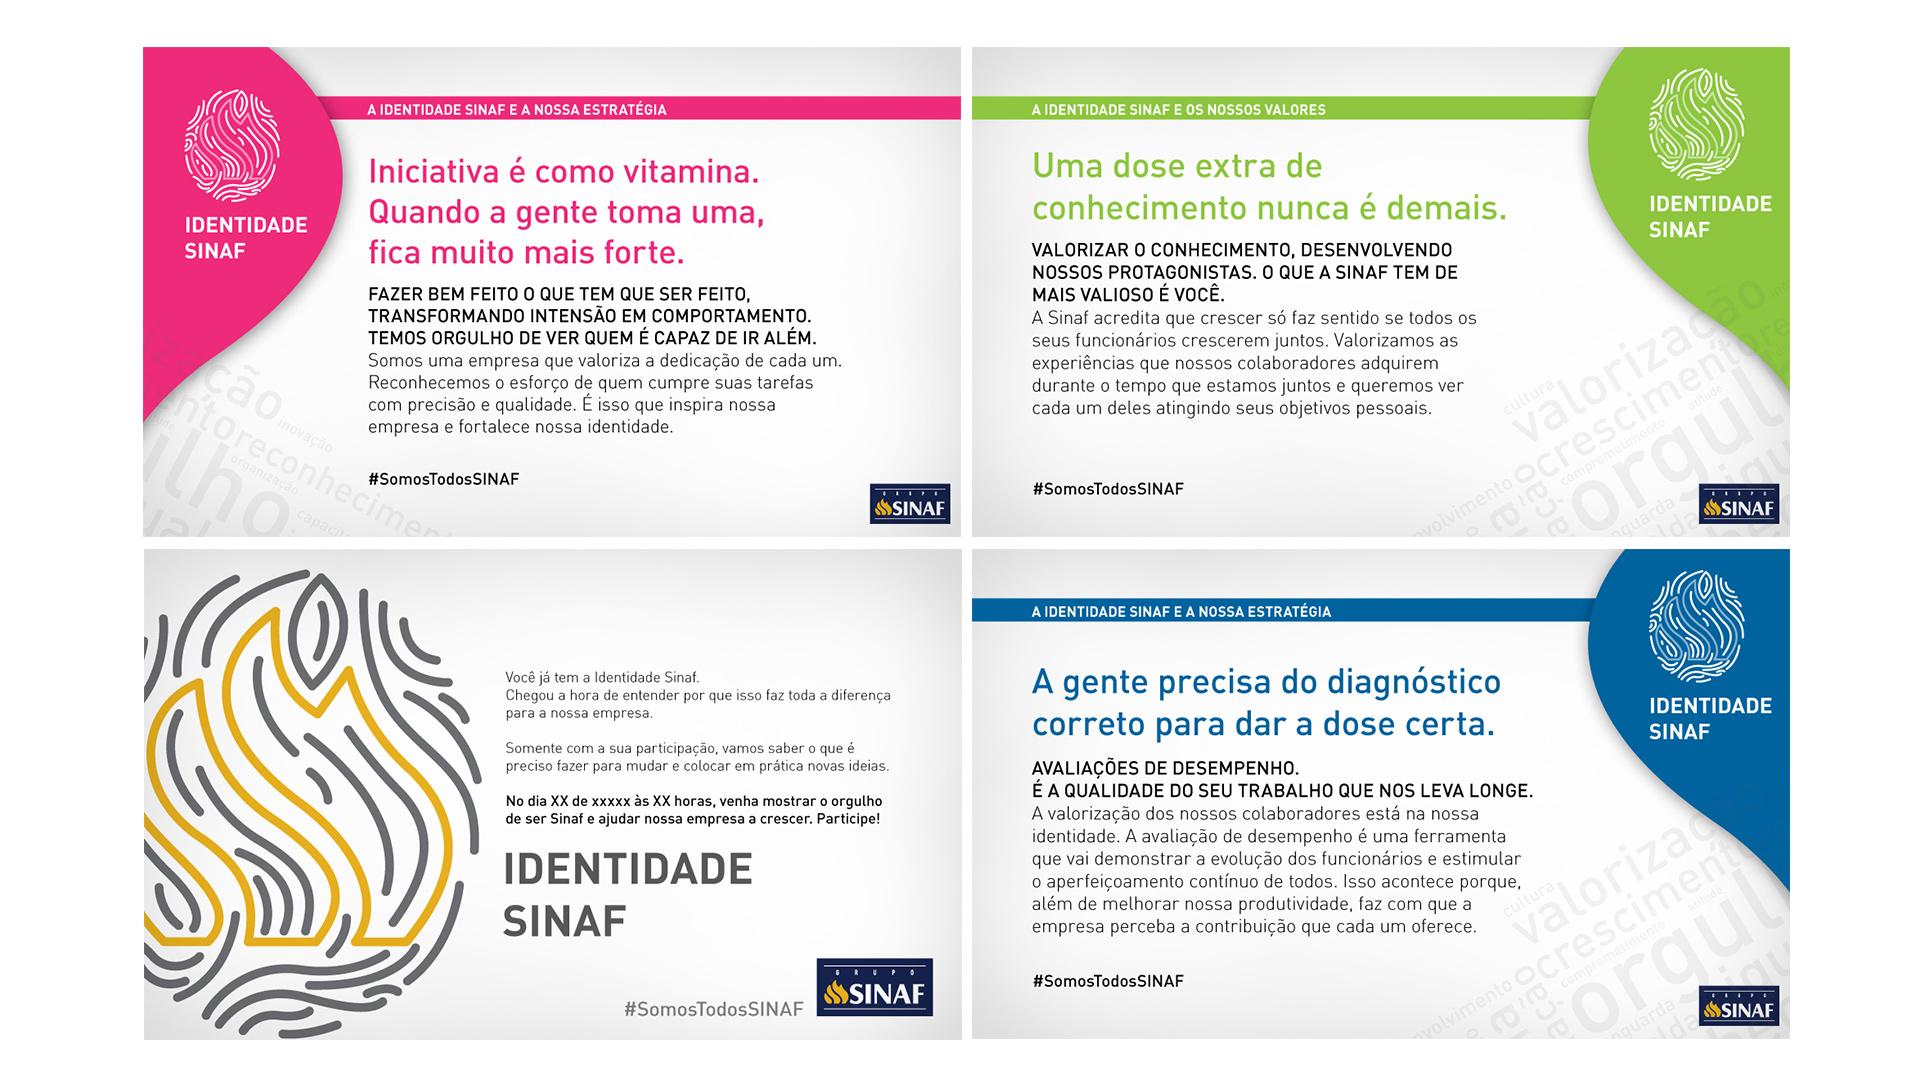 Identidade Sinaf Desenvolvimento De Conceito Visual E